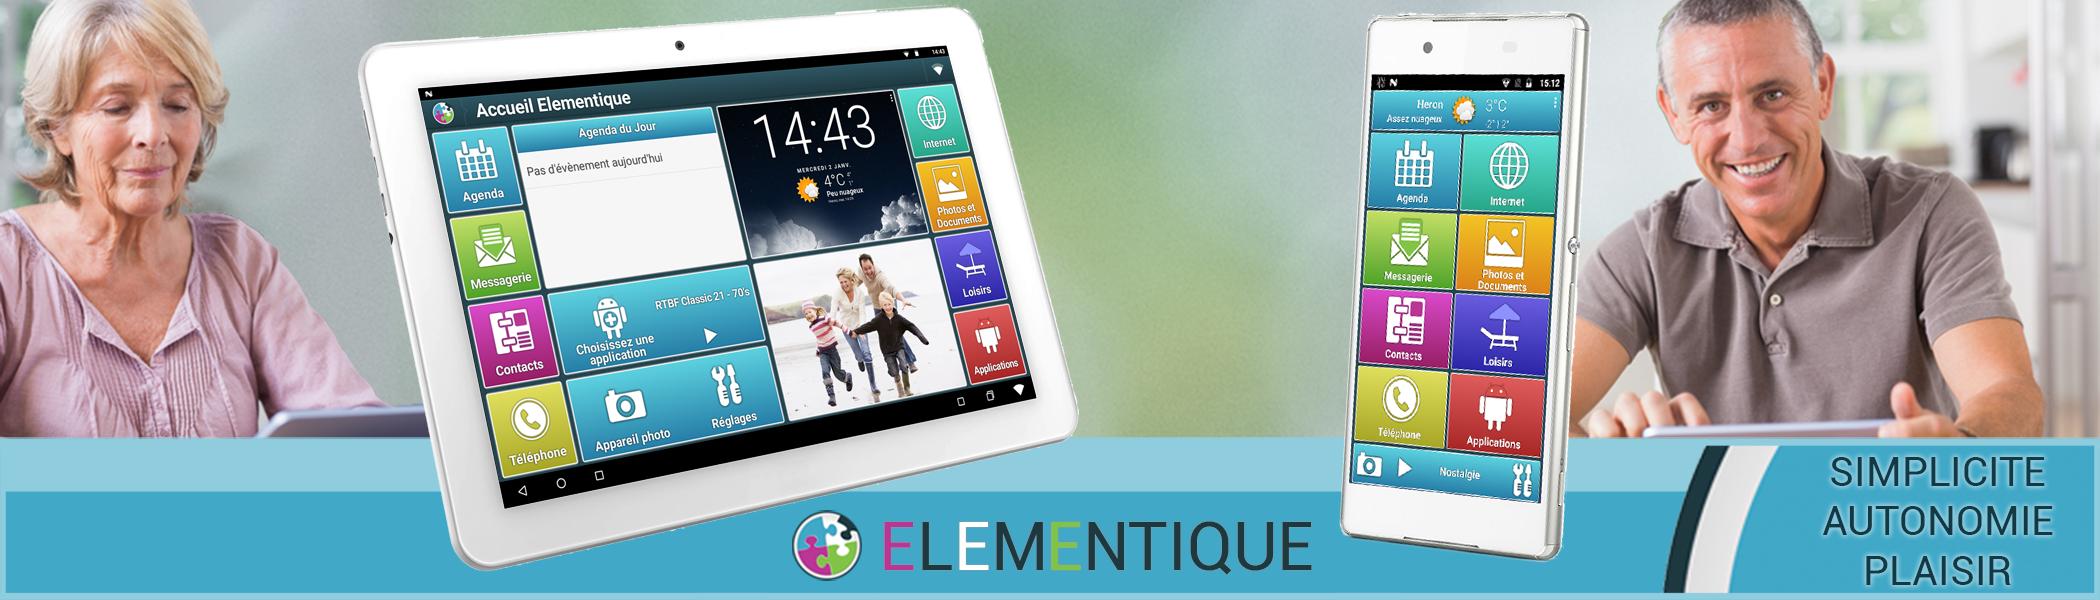 Tablette senior et smartphone senior Elementique